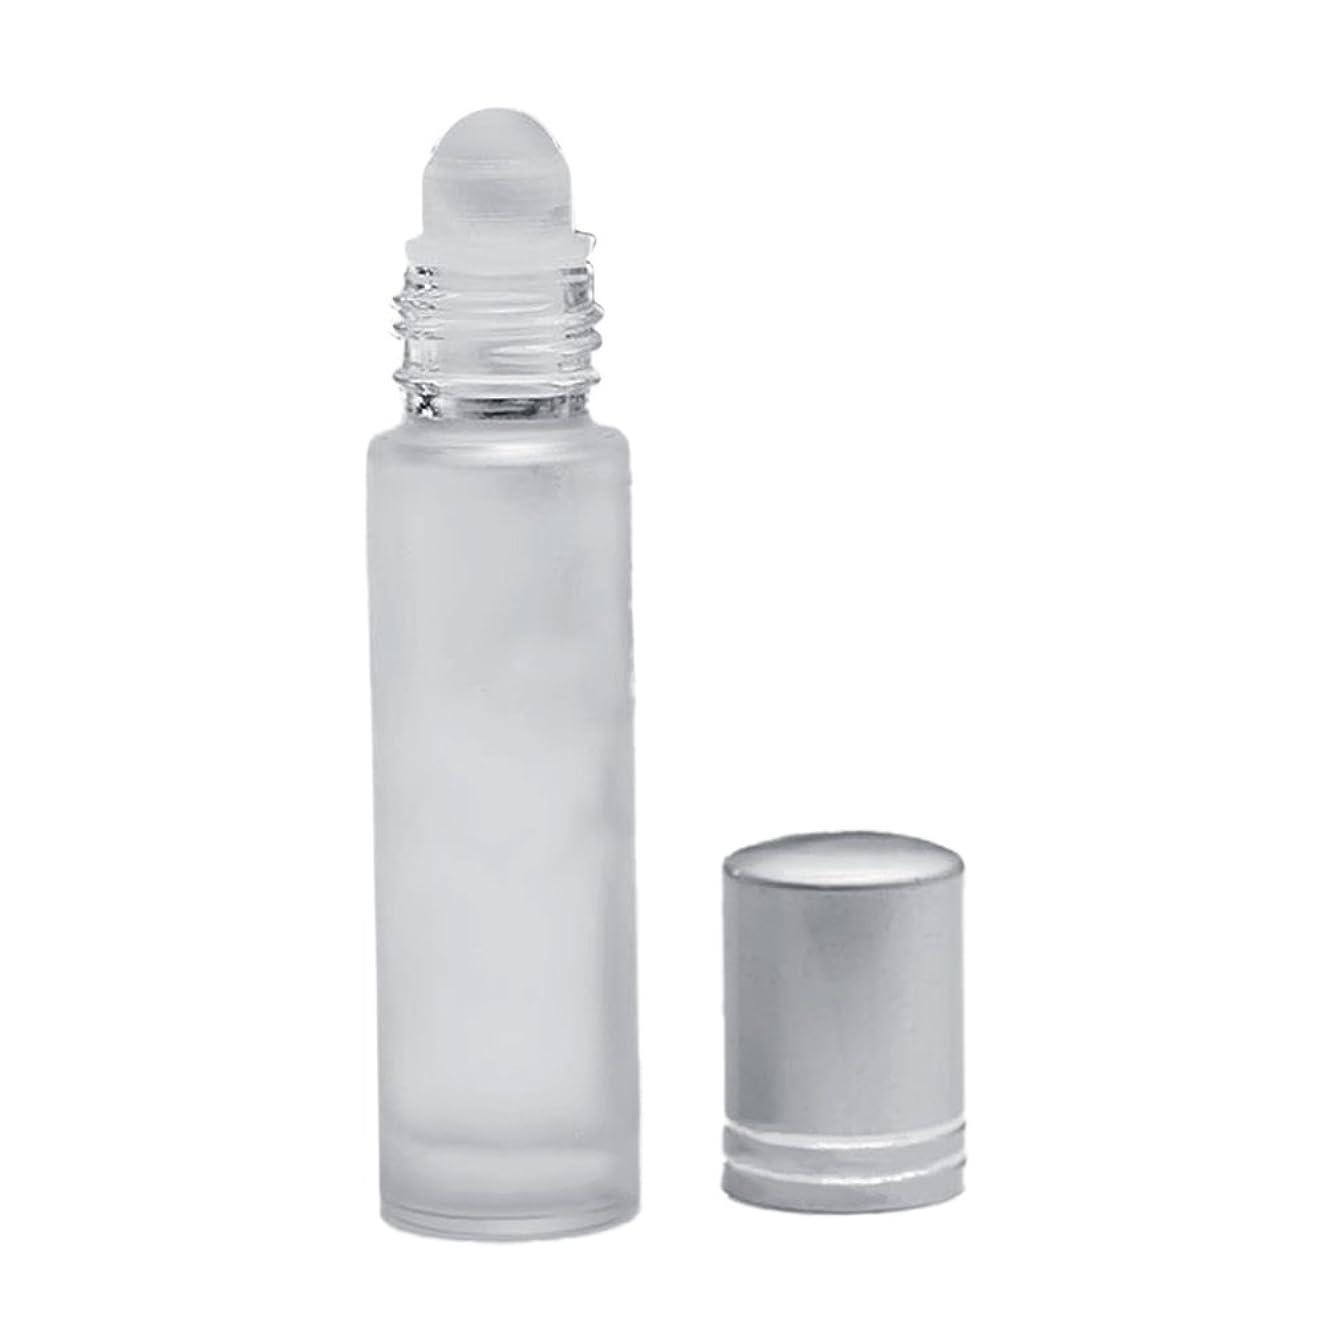 ゴシレ Gosear 12個10ml ミニ 詰替容器 空き瓶 オイルボトル 旅行 香水 アトマイザー 瓶 ポンプ スプレーボトル セット